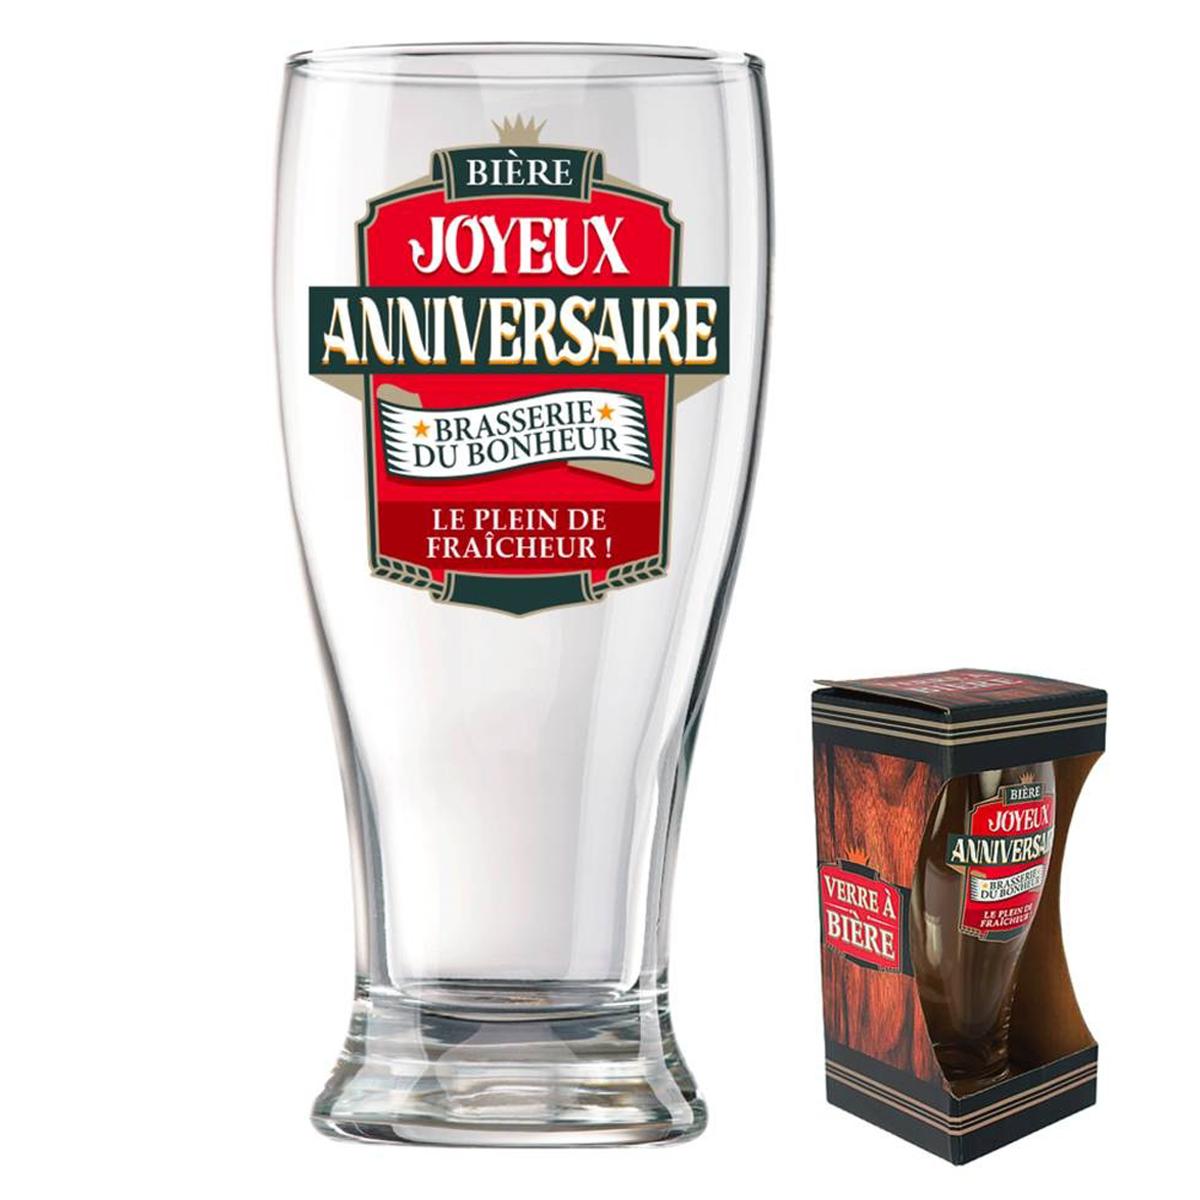 Verre à bière \'Joyeux Anniversaire\' (Brasserie du bonheur - le plein de fraîcheur)  - 18x8 cm - [P8540]